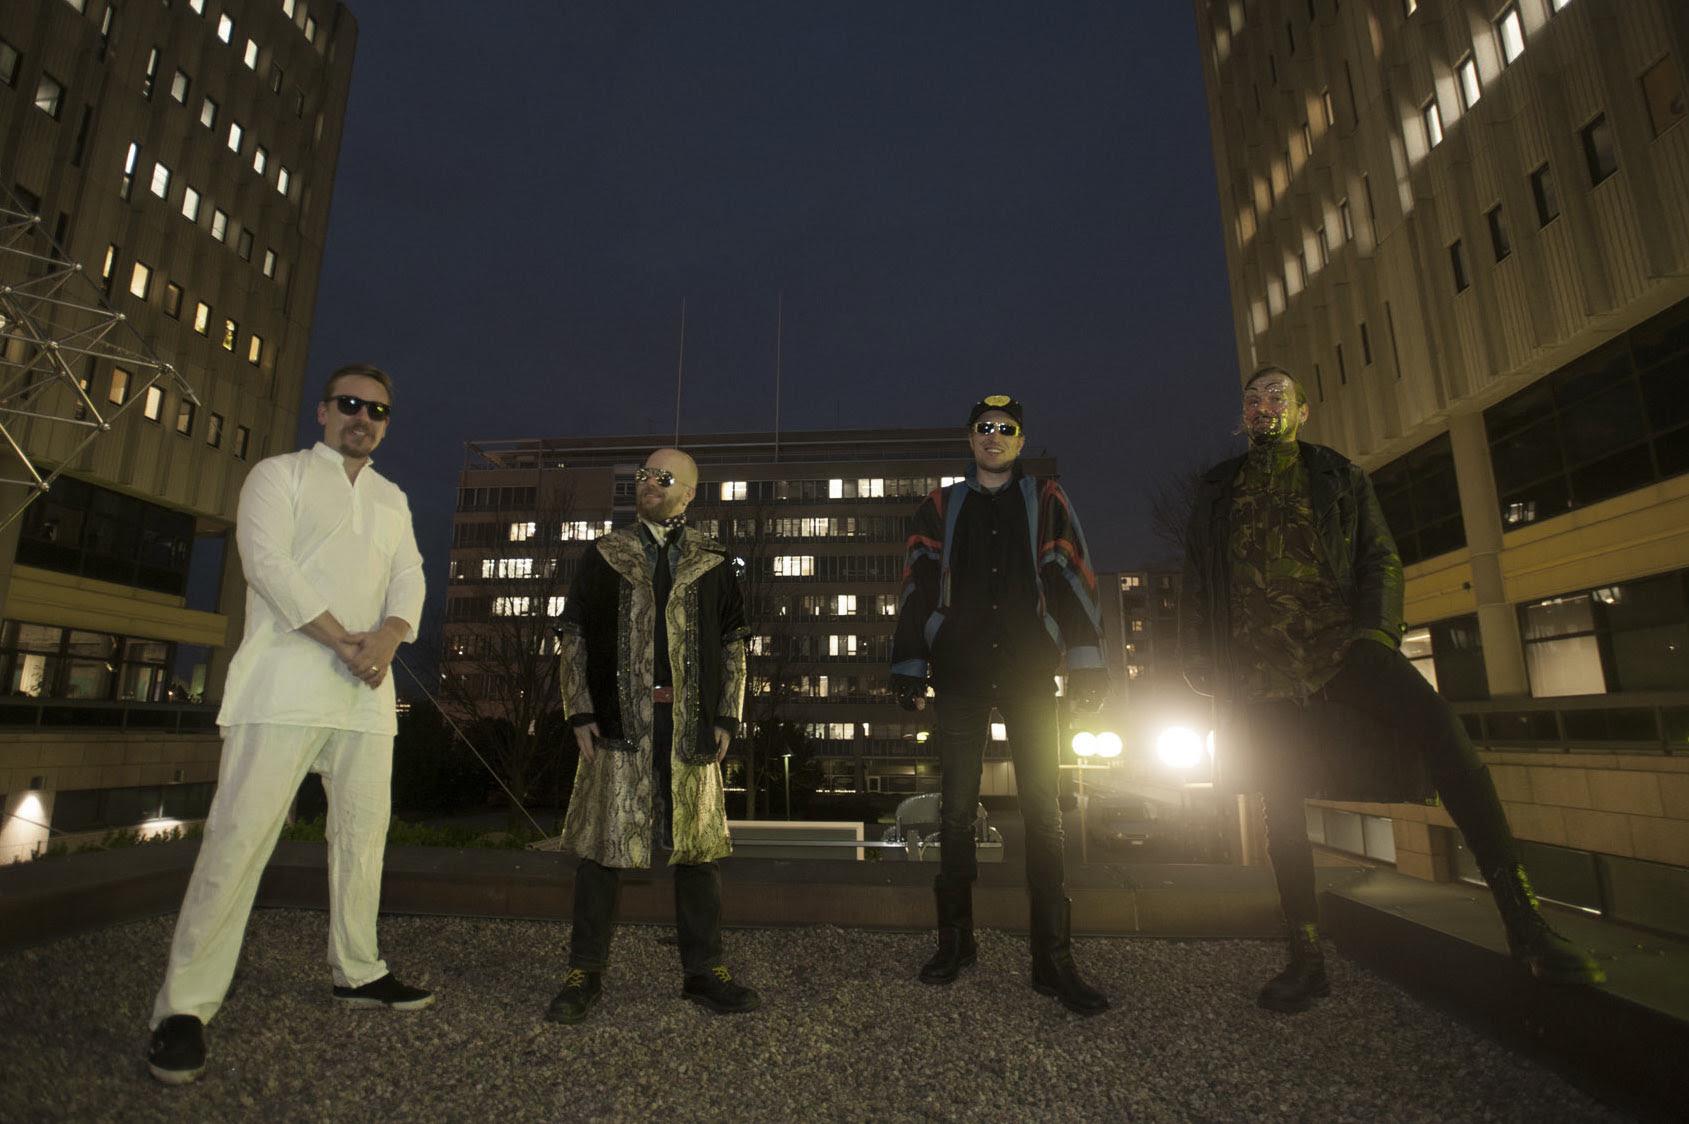 Tähtiportilta ensimmäinen musiikkivideo tulevalta albumilta